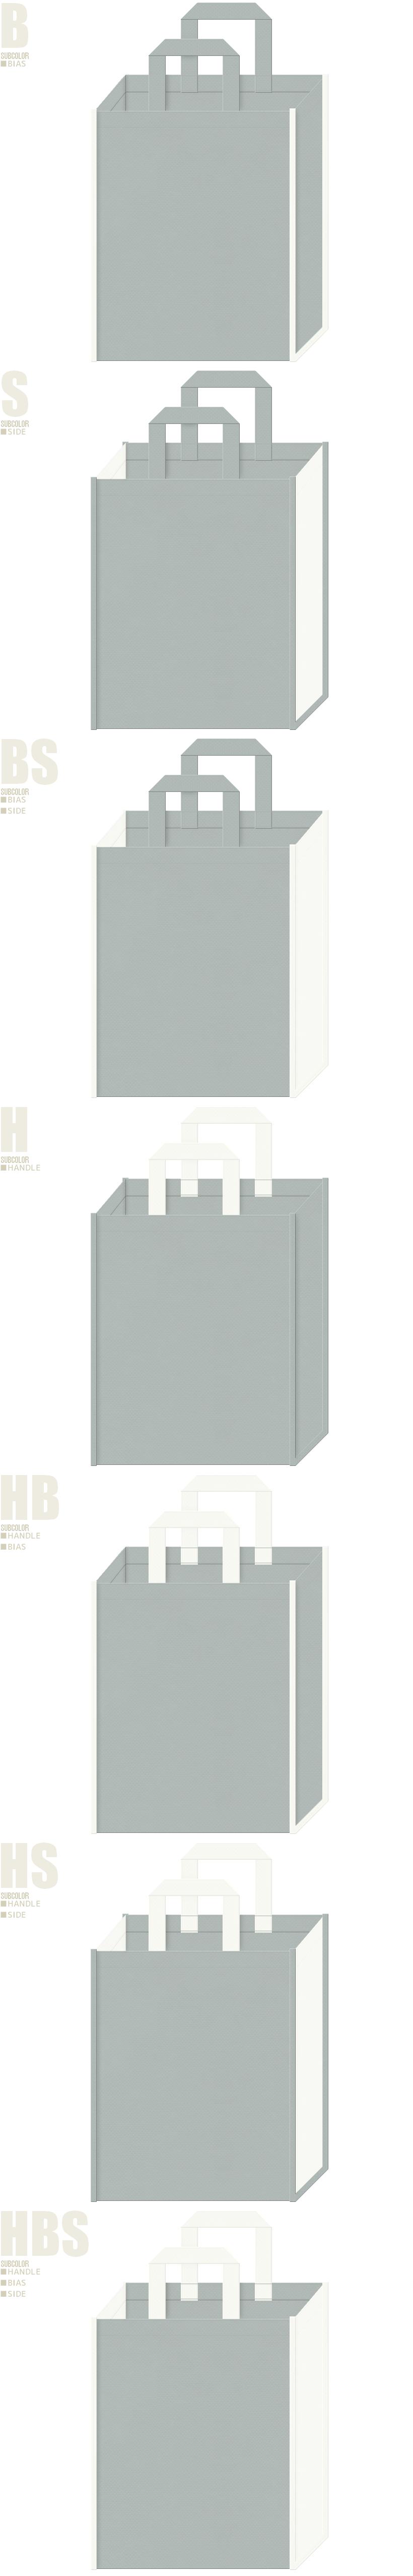 動物園のバッグノベルティにお奨めの、グレー色とオフホワイト色-7パターンの不織布トートバッグ配色デザイン例。コアラのイメージ